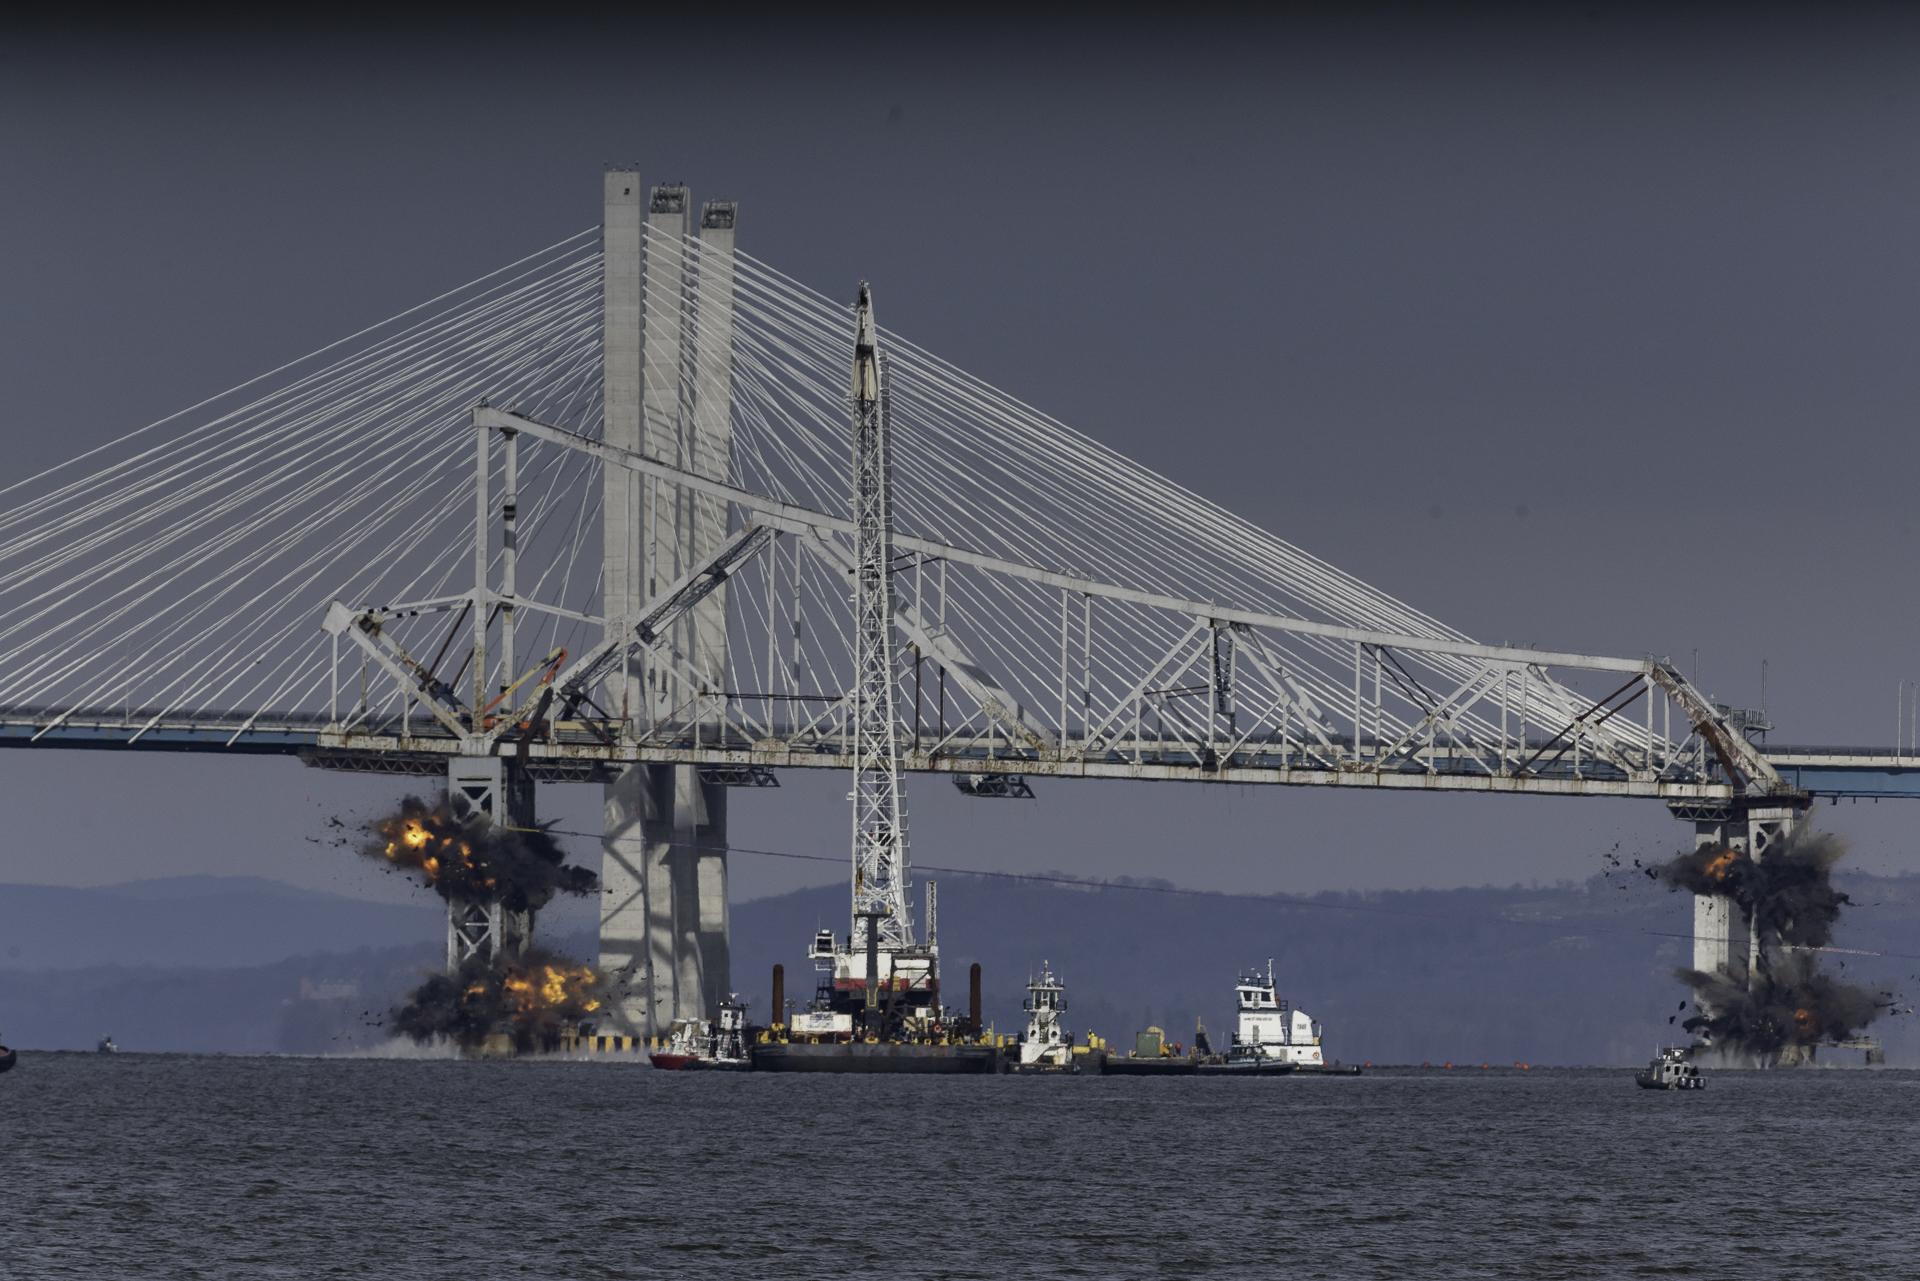 MEGAPIXELS: A fiery end for the old Tappan Zee Bridge